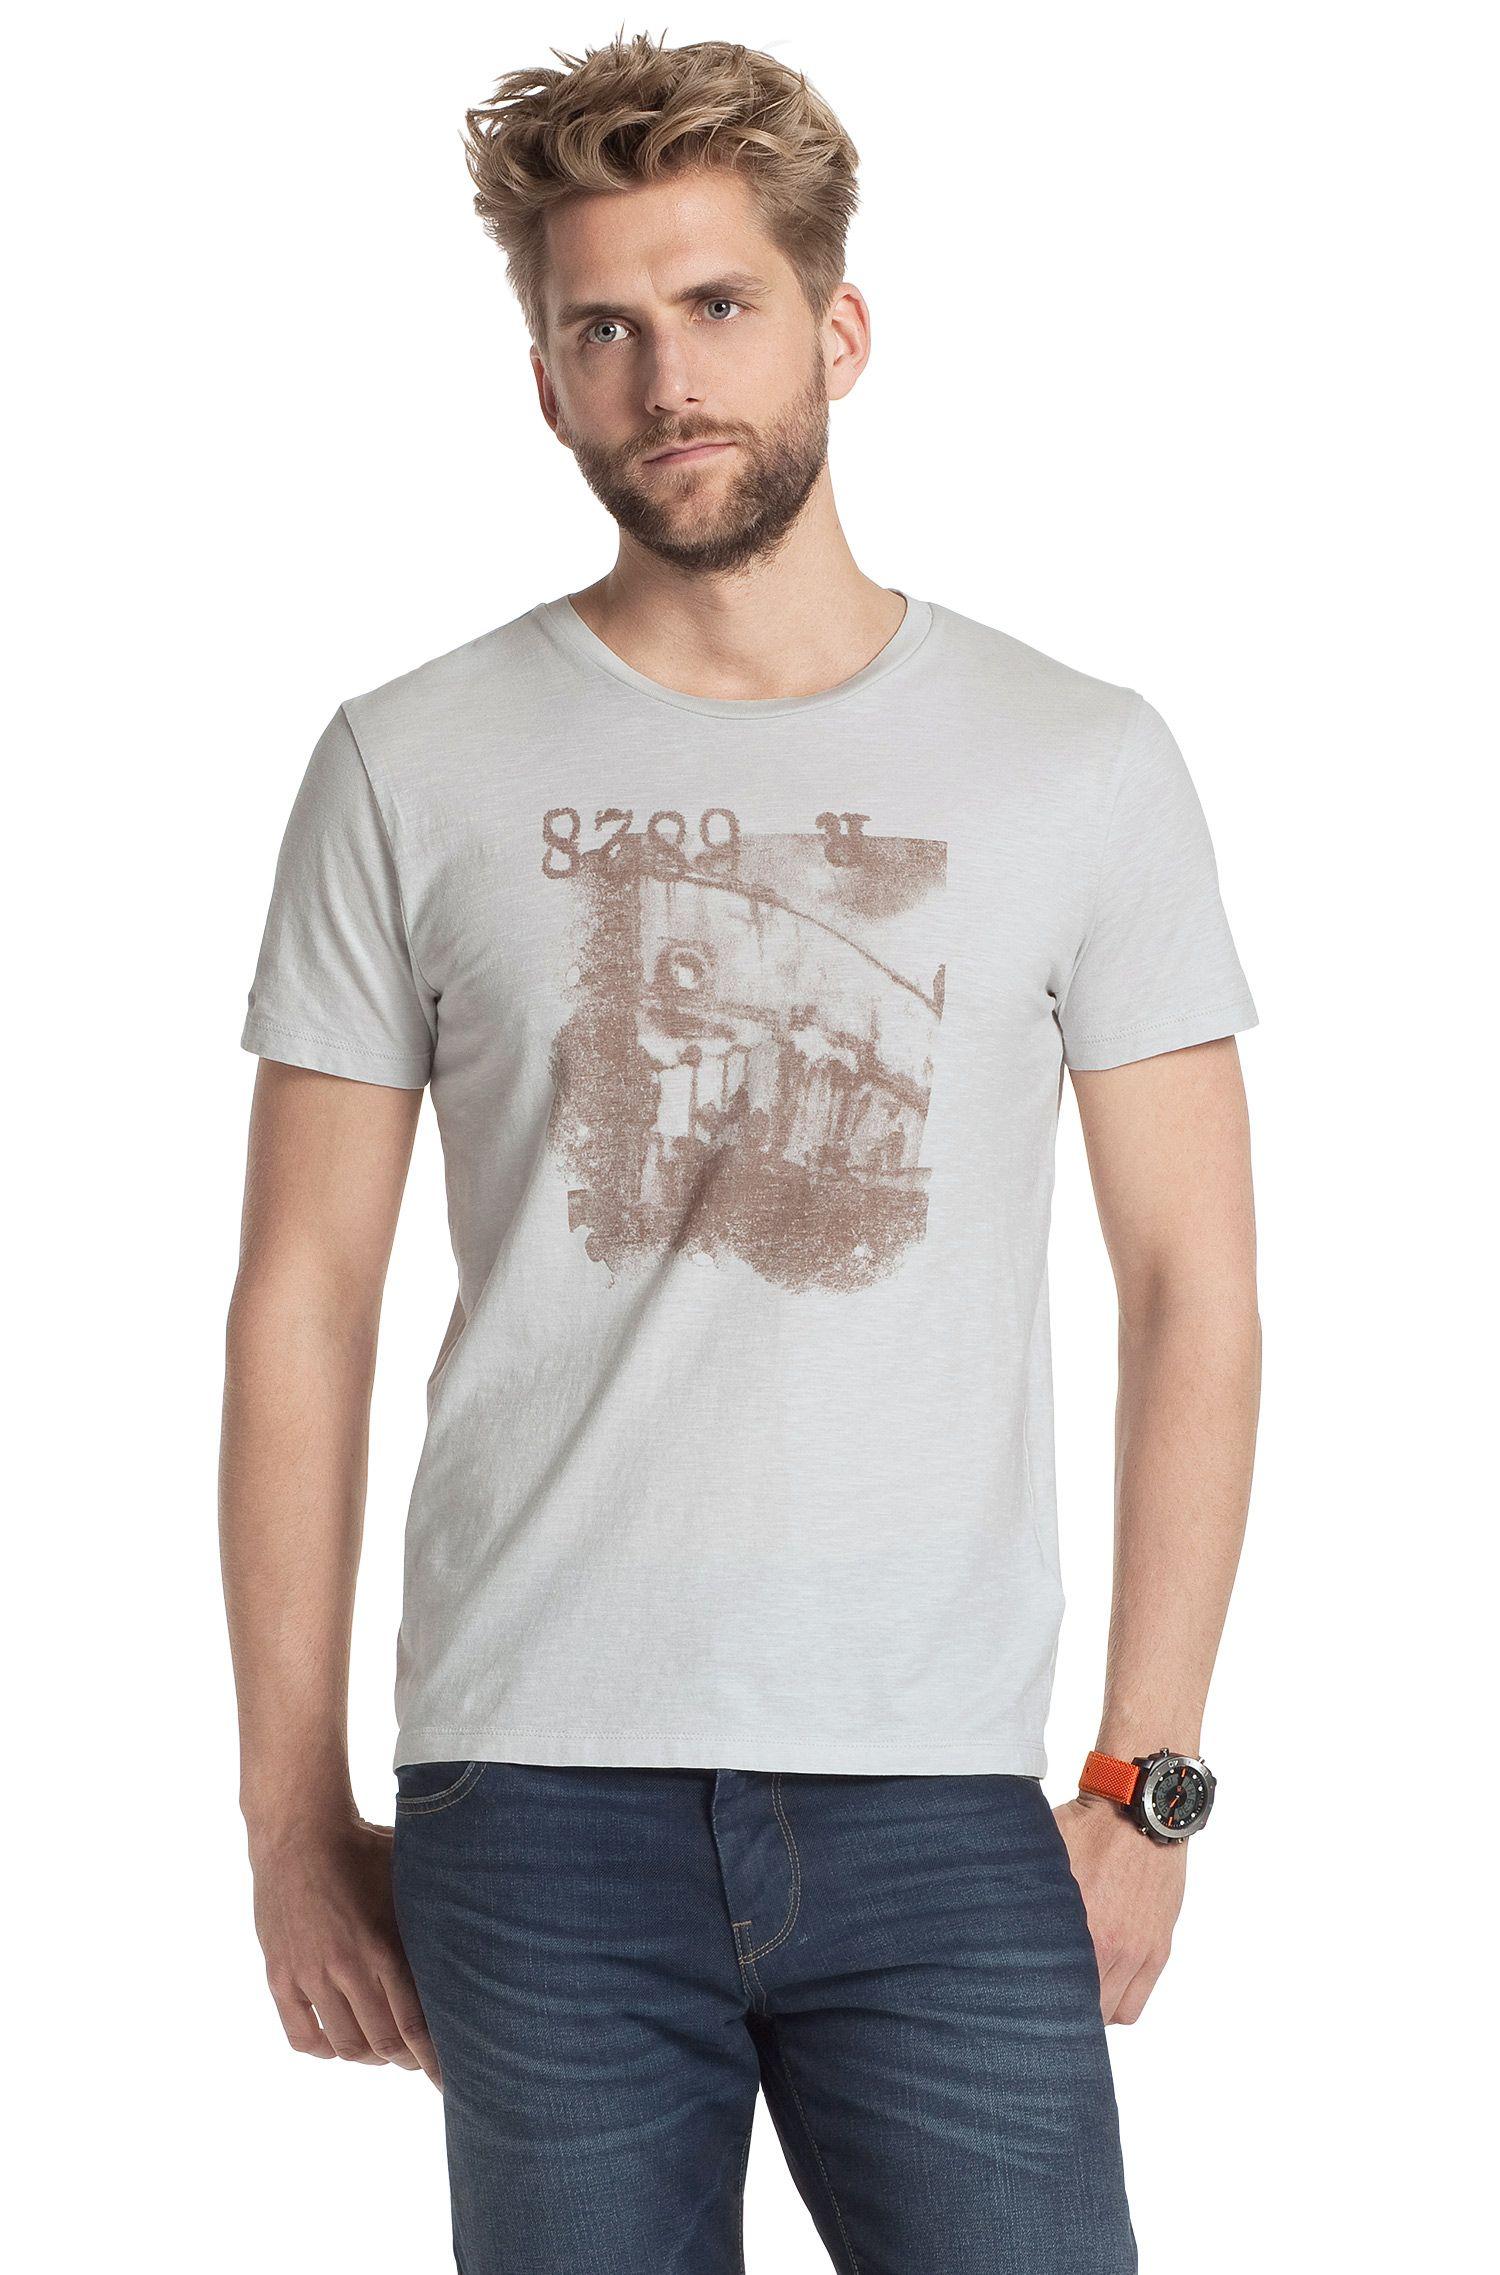 Rundhals-Shirt ´Tasko` mit großem Print-Motiv